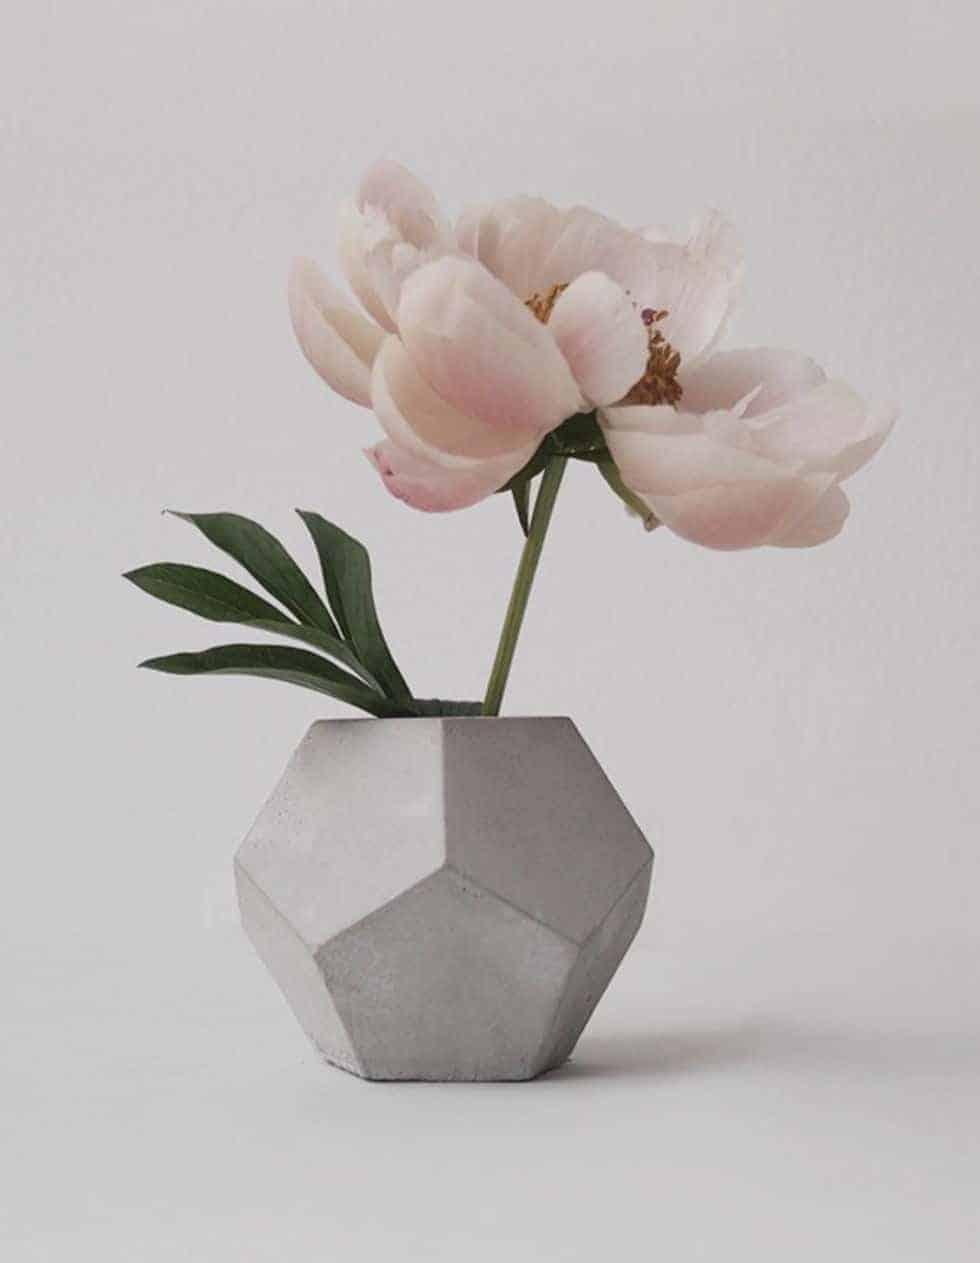 vase with concrete